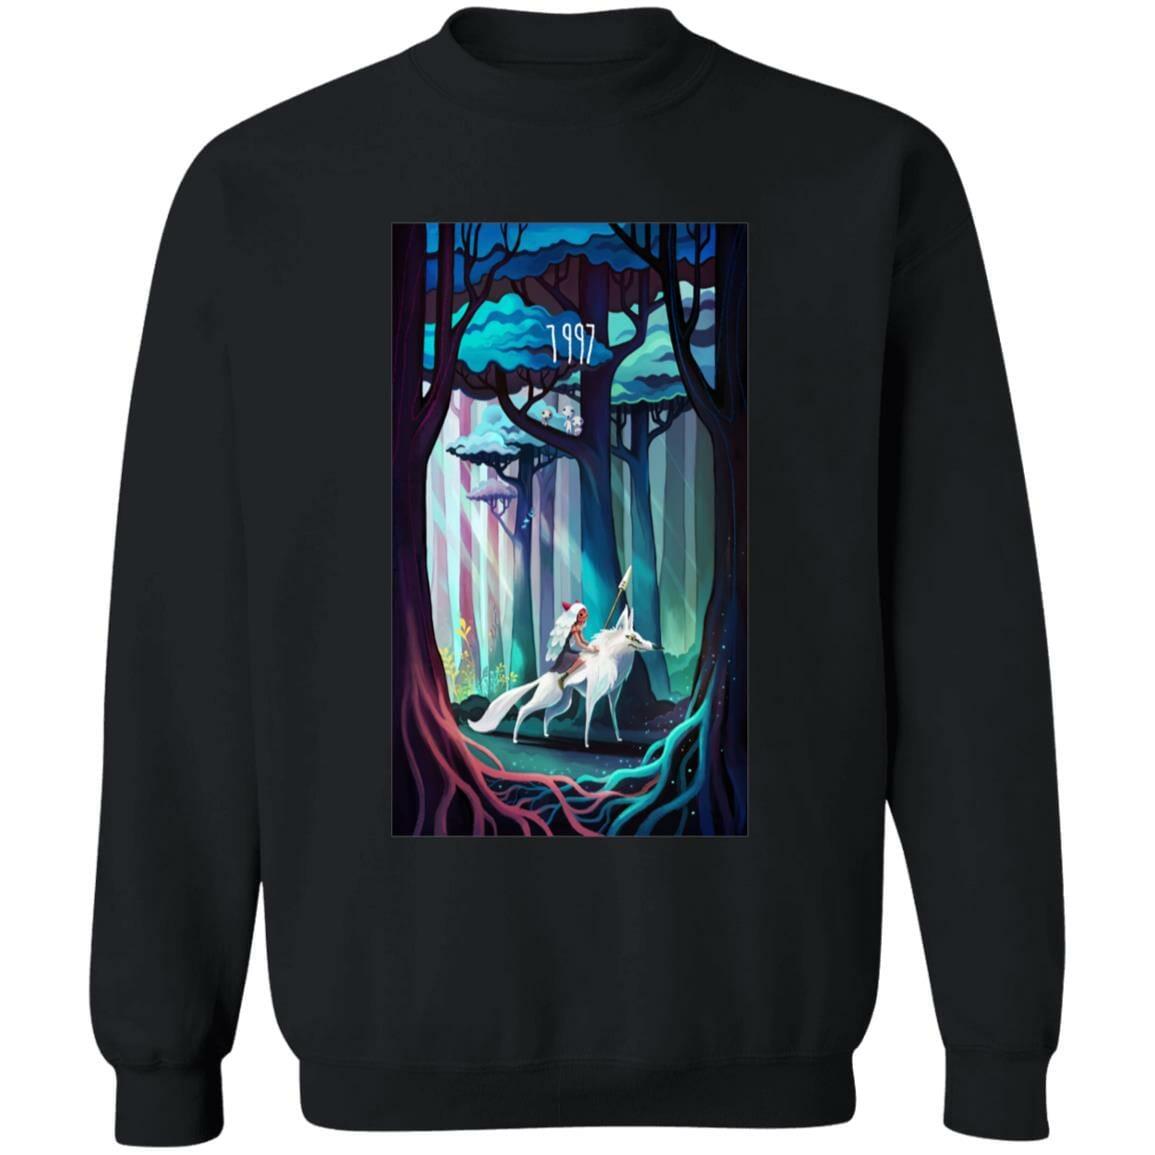 Princess Mononoke 1997 Illustration Sweatshirt